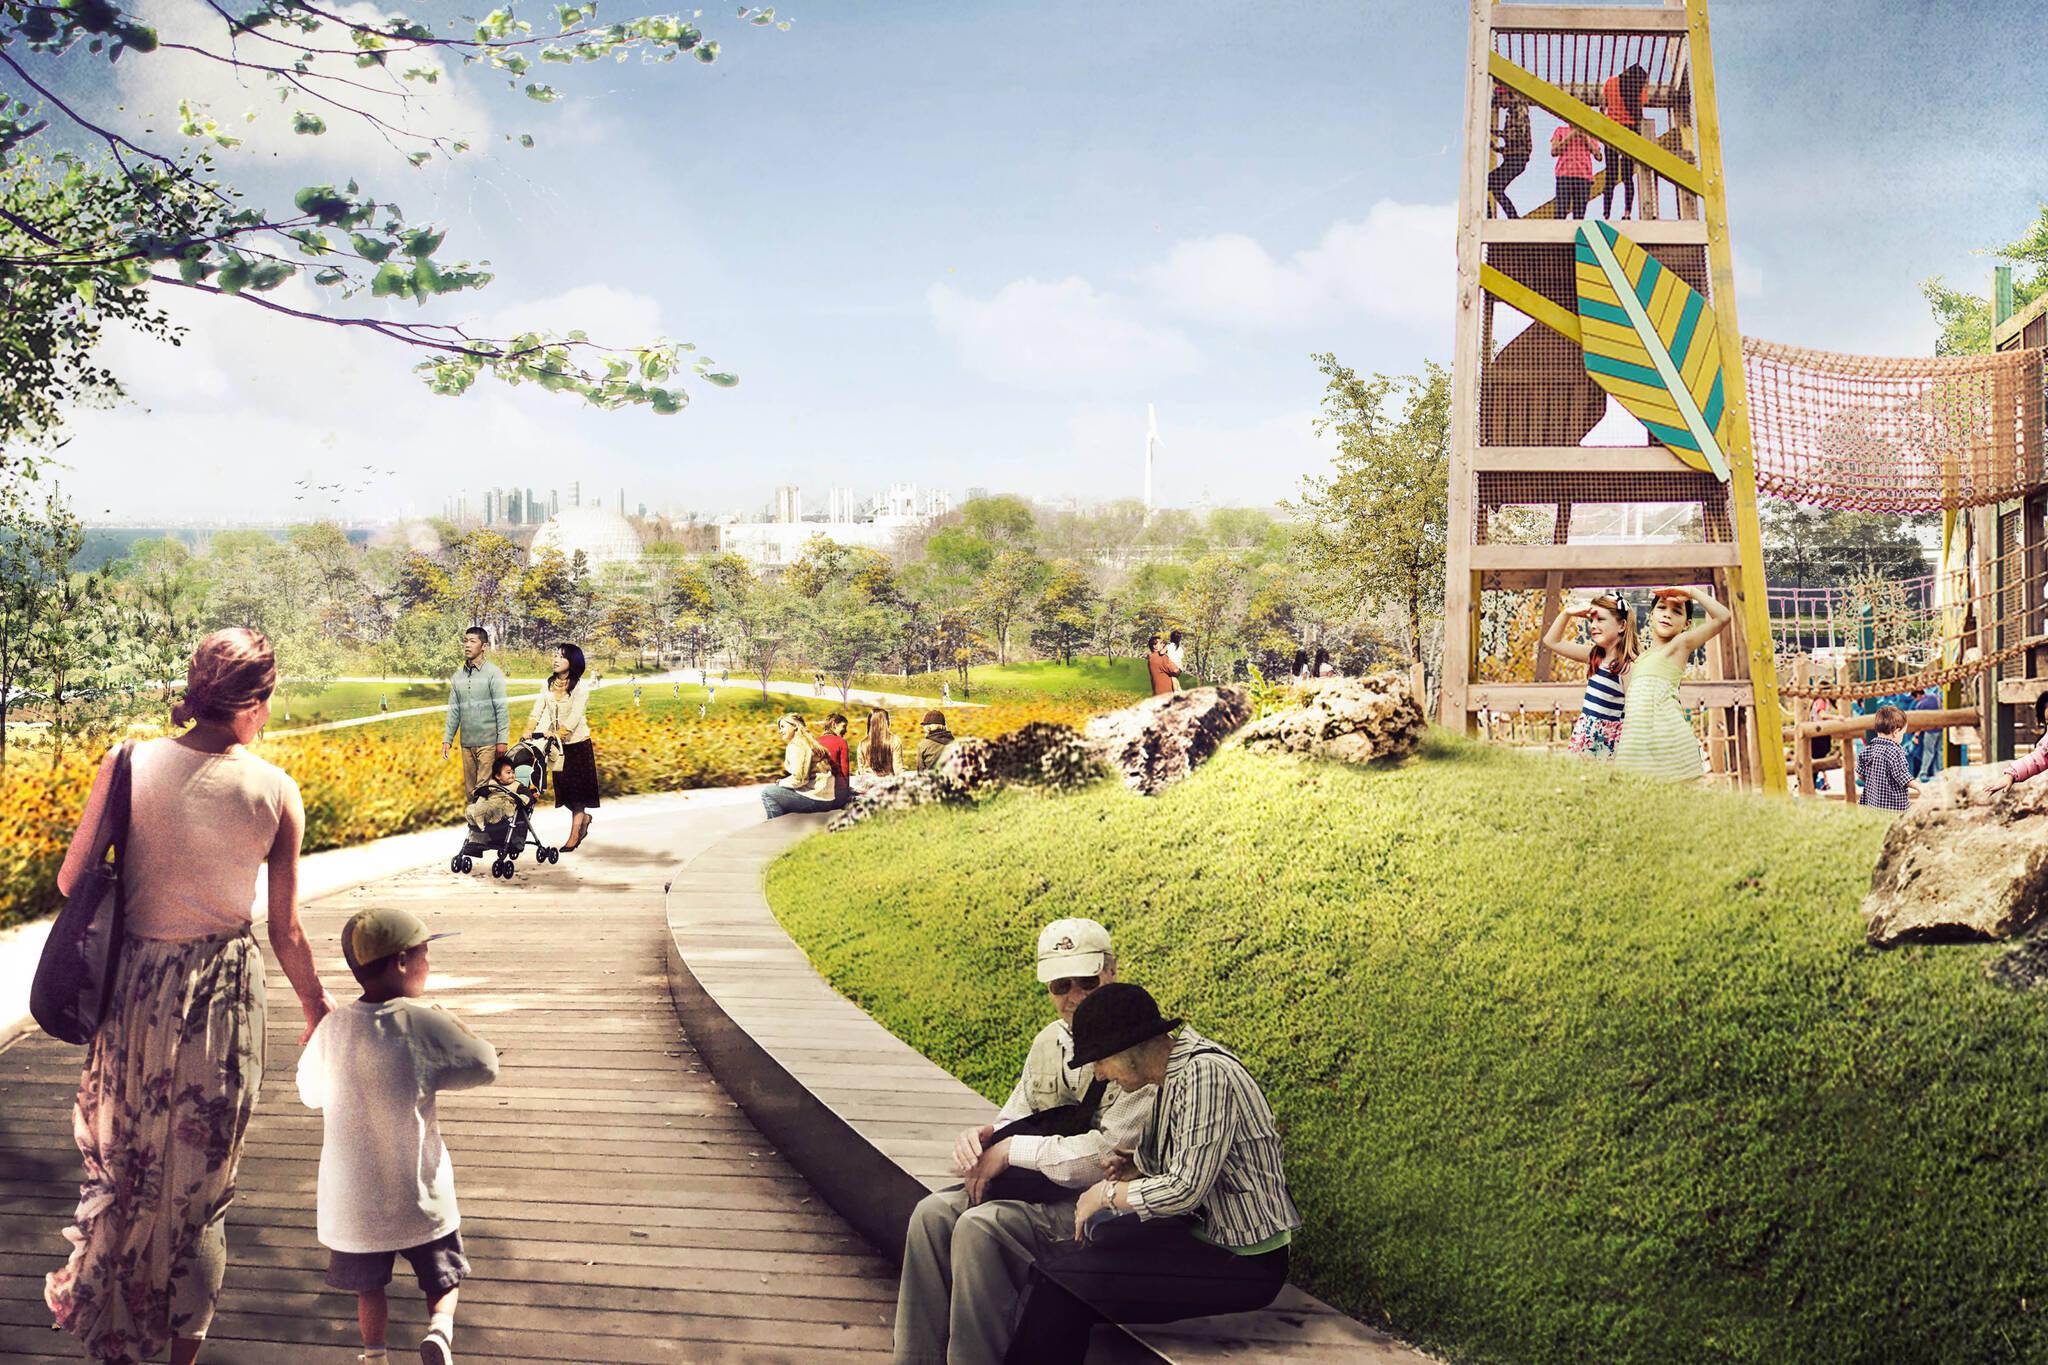 ontario place park